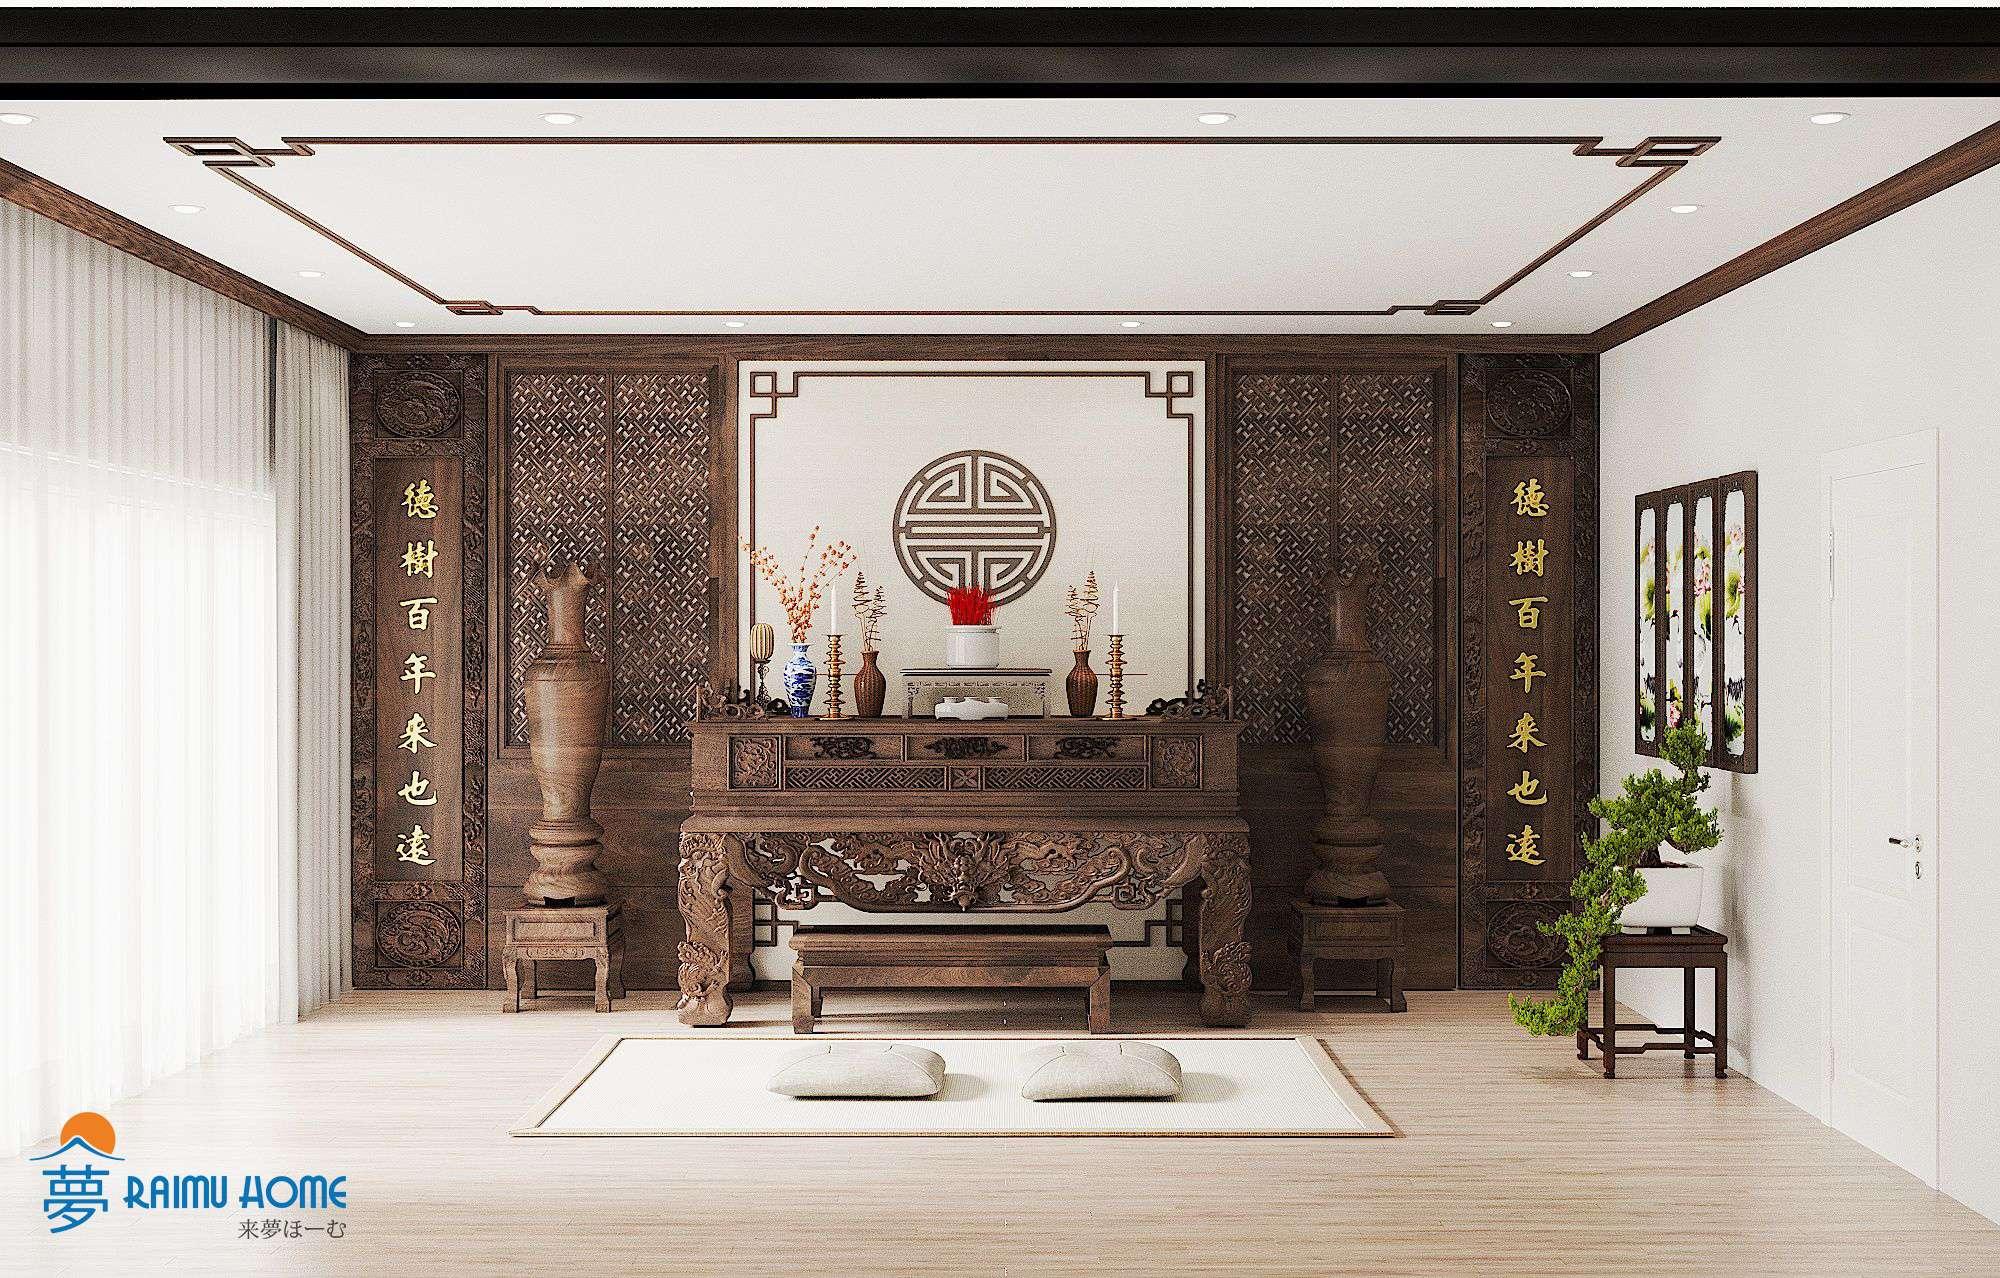 Phong cách nội thất Nhật Bản phủ sóng 2020 với vẻ đẹp đơn giản và tinh tế